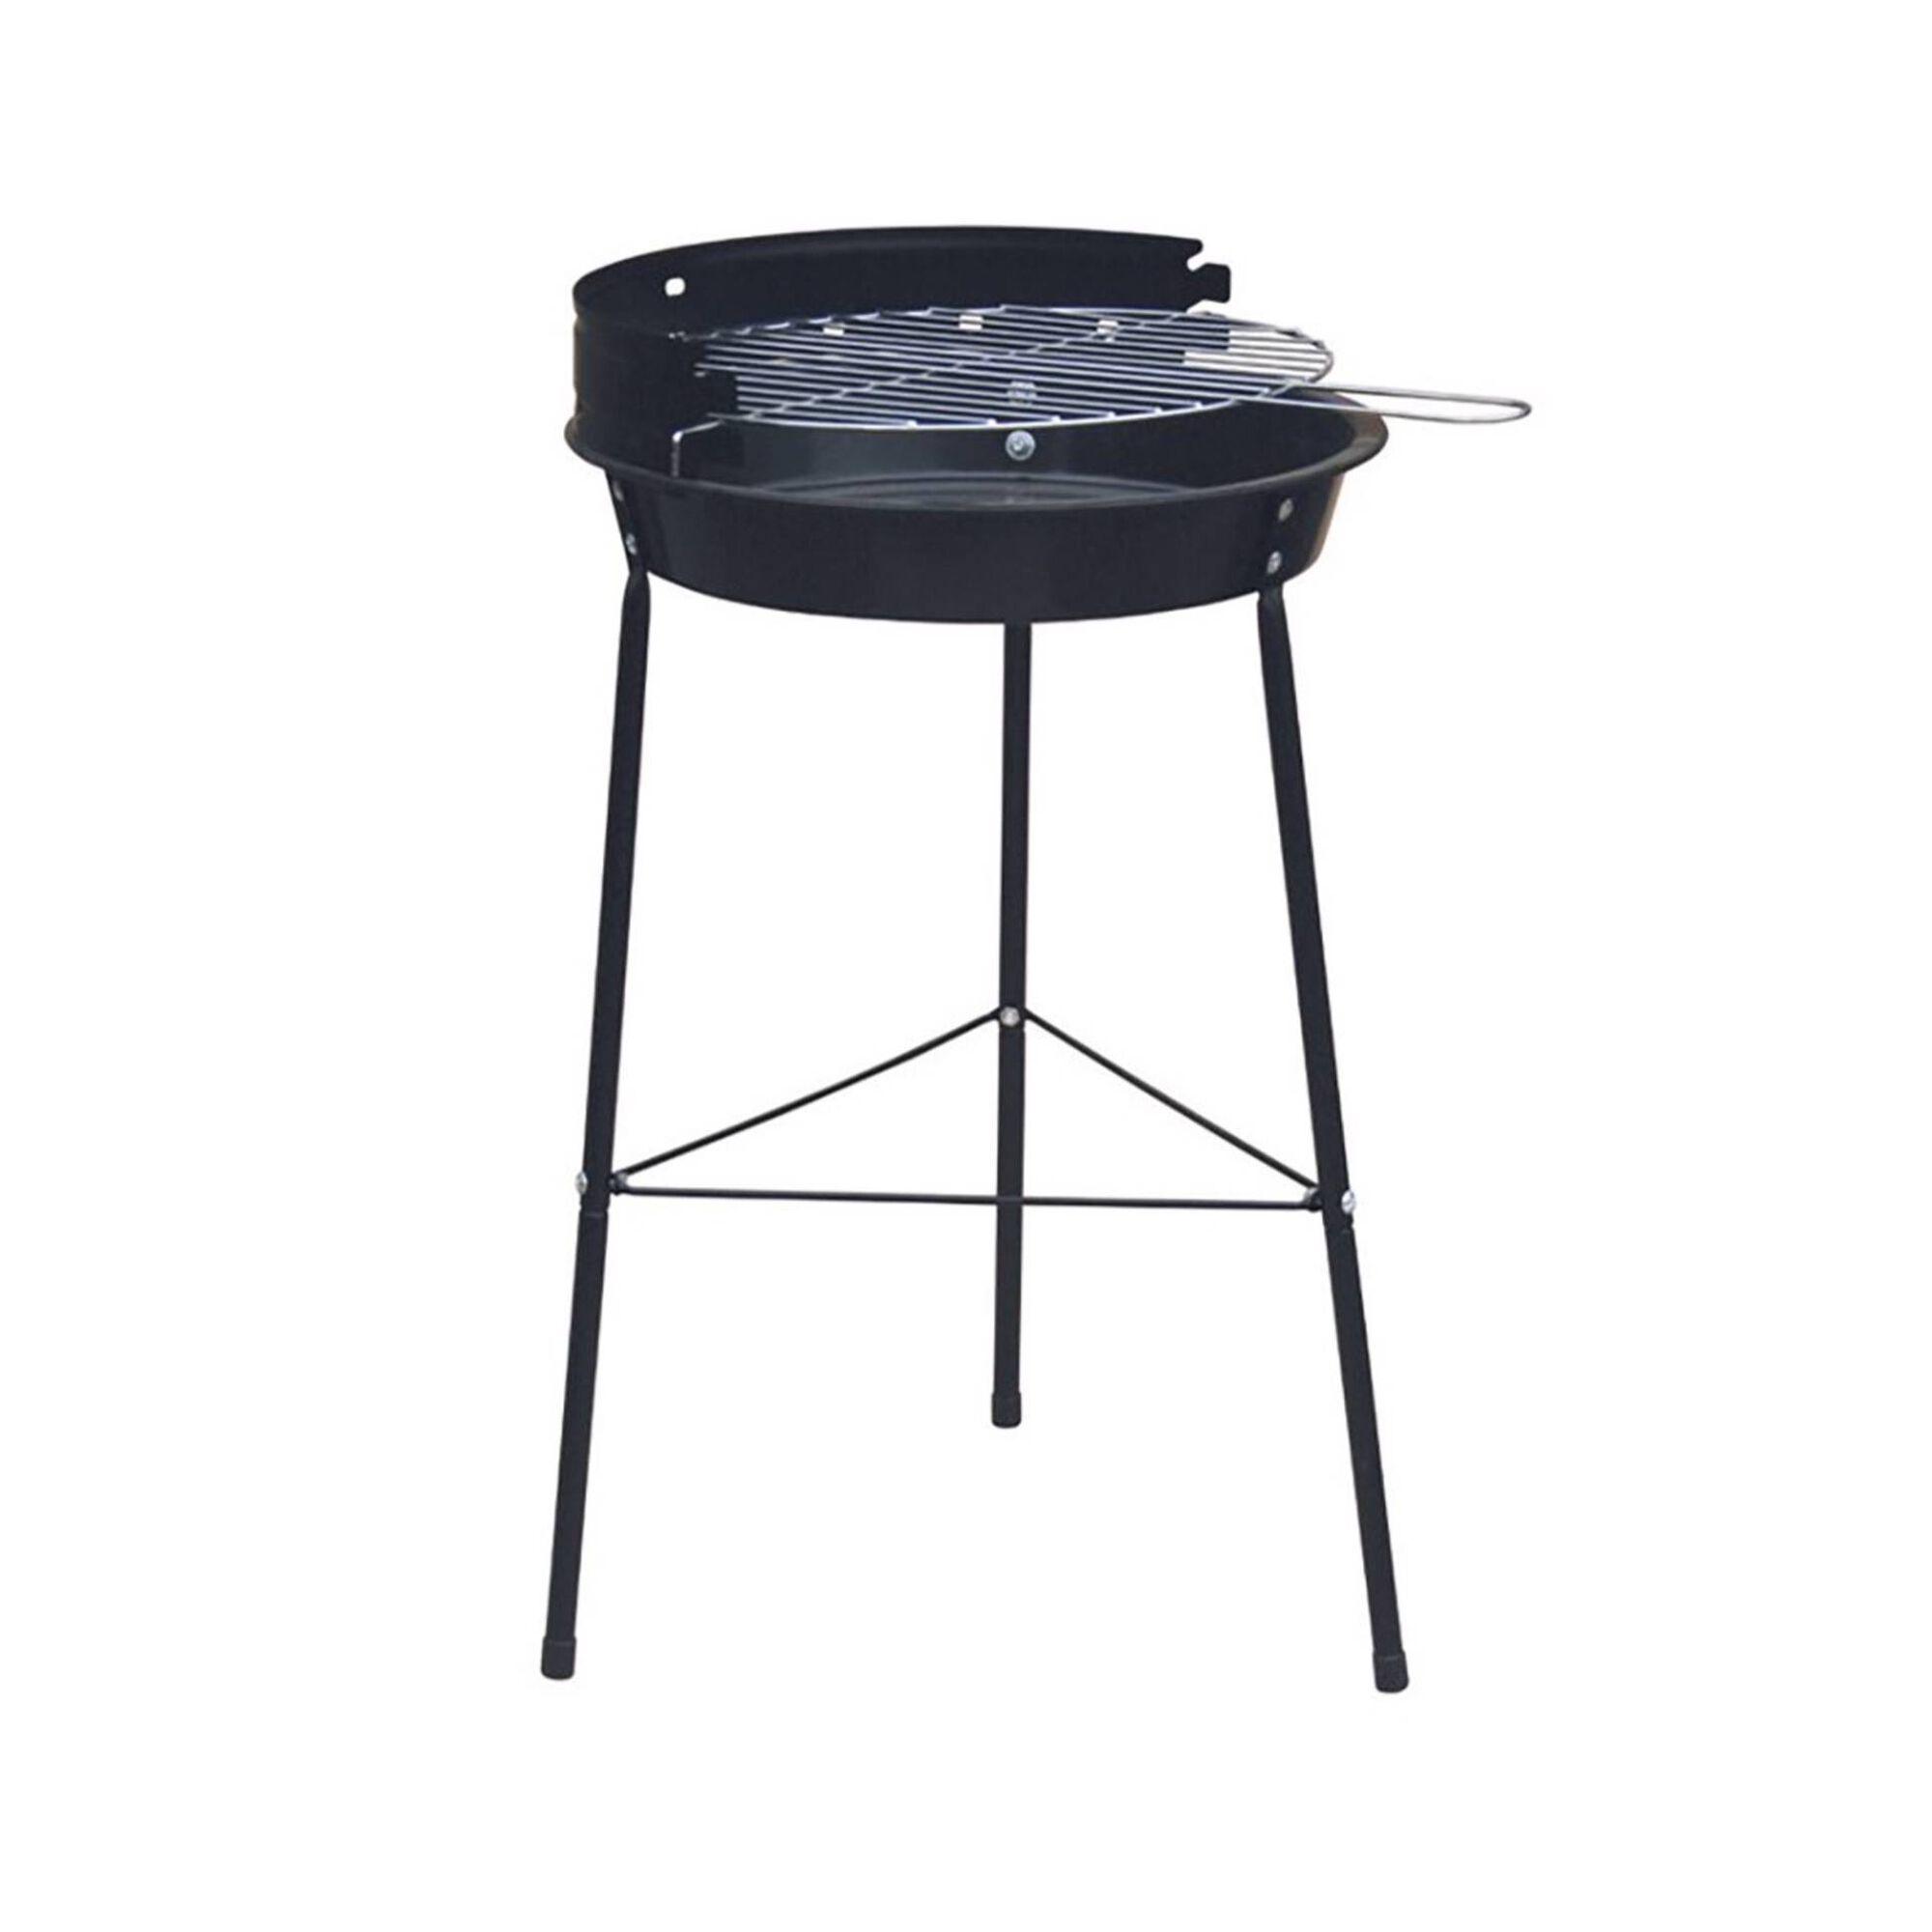 Barbecue Carvão Redondo 34cm